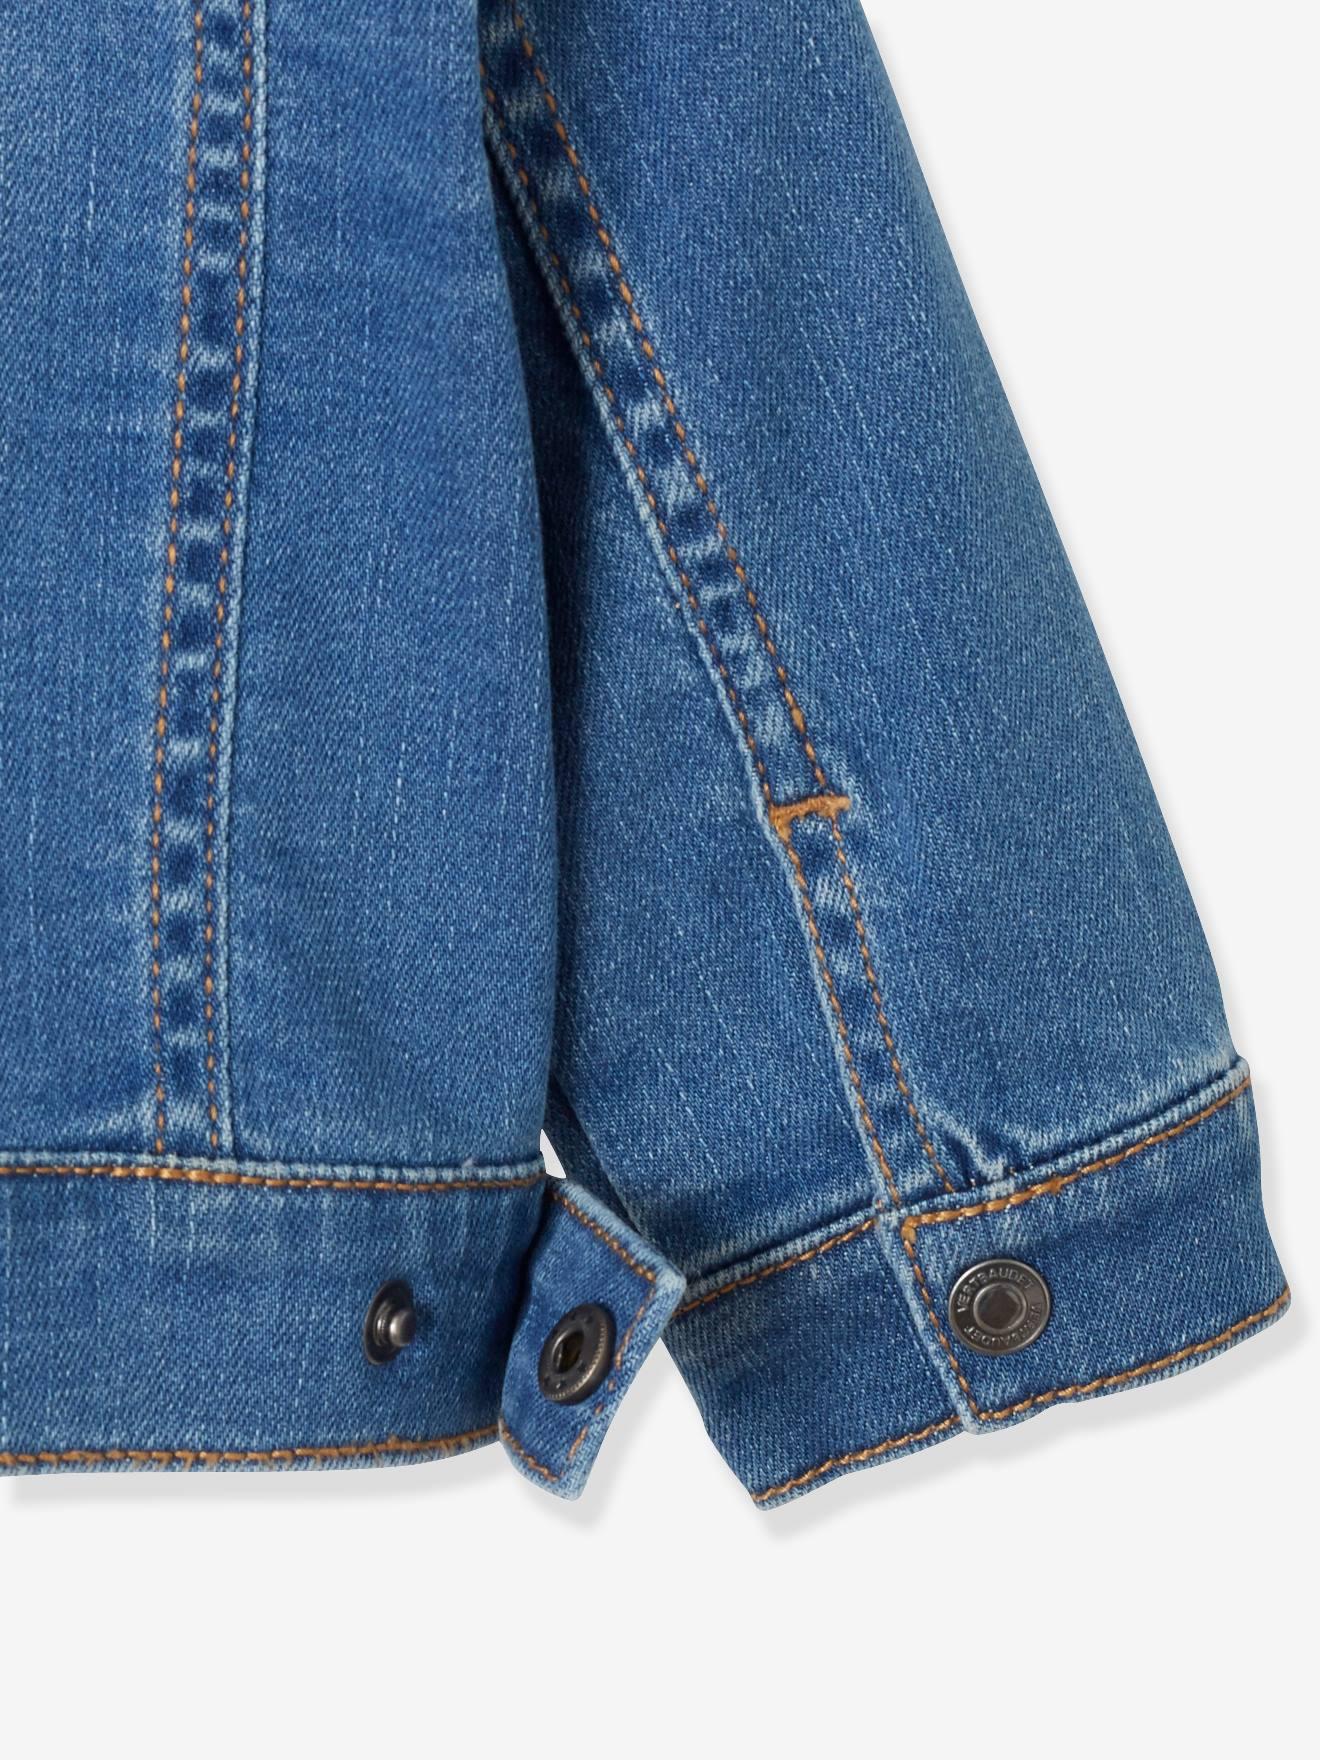 moda atractiva venta más caliente nueva lanzamiento Chaqueta vaquera para bebé niño con emblemas azul oscuro lavado - Vertbaudet